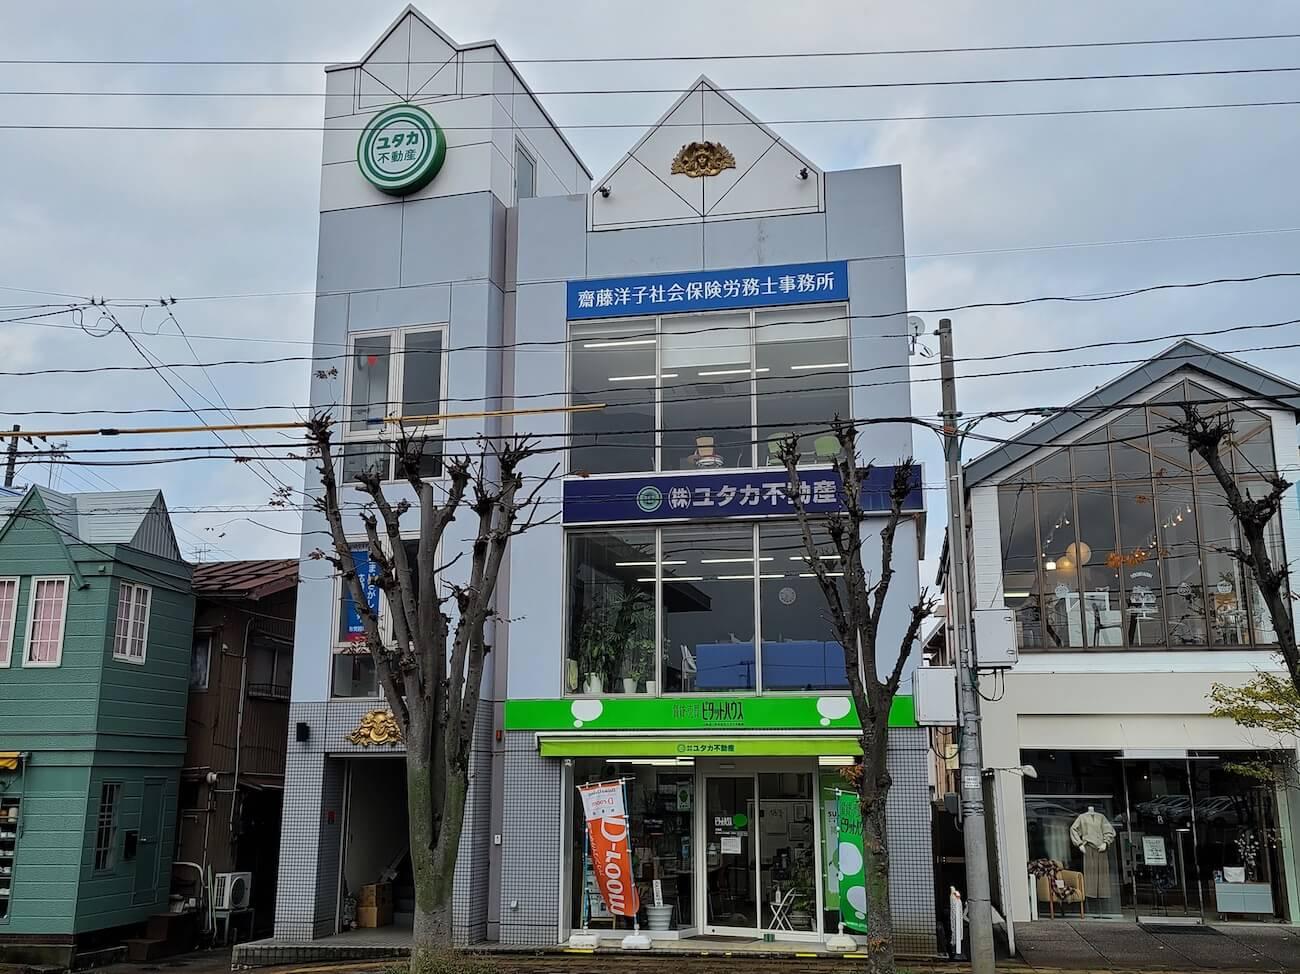 齋藤洋子社会保険労務士事務所の外観